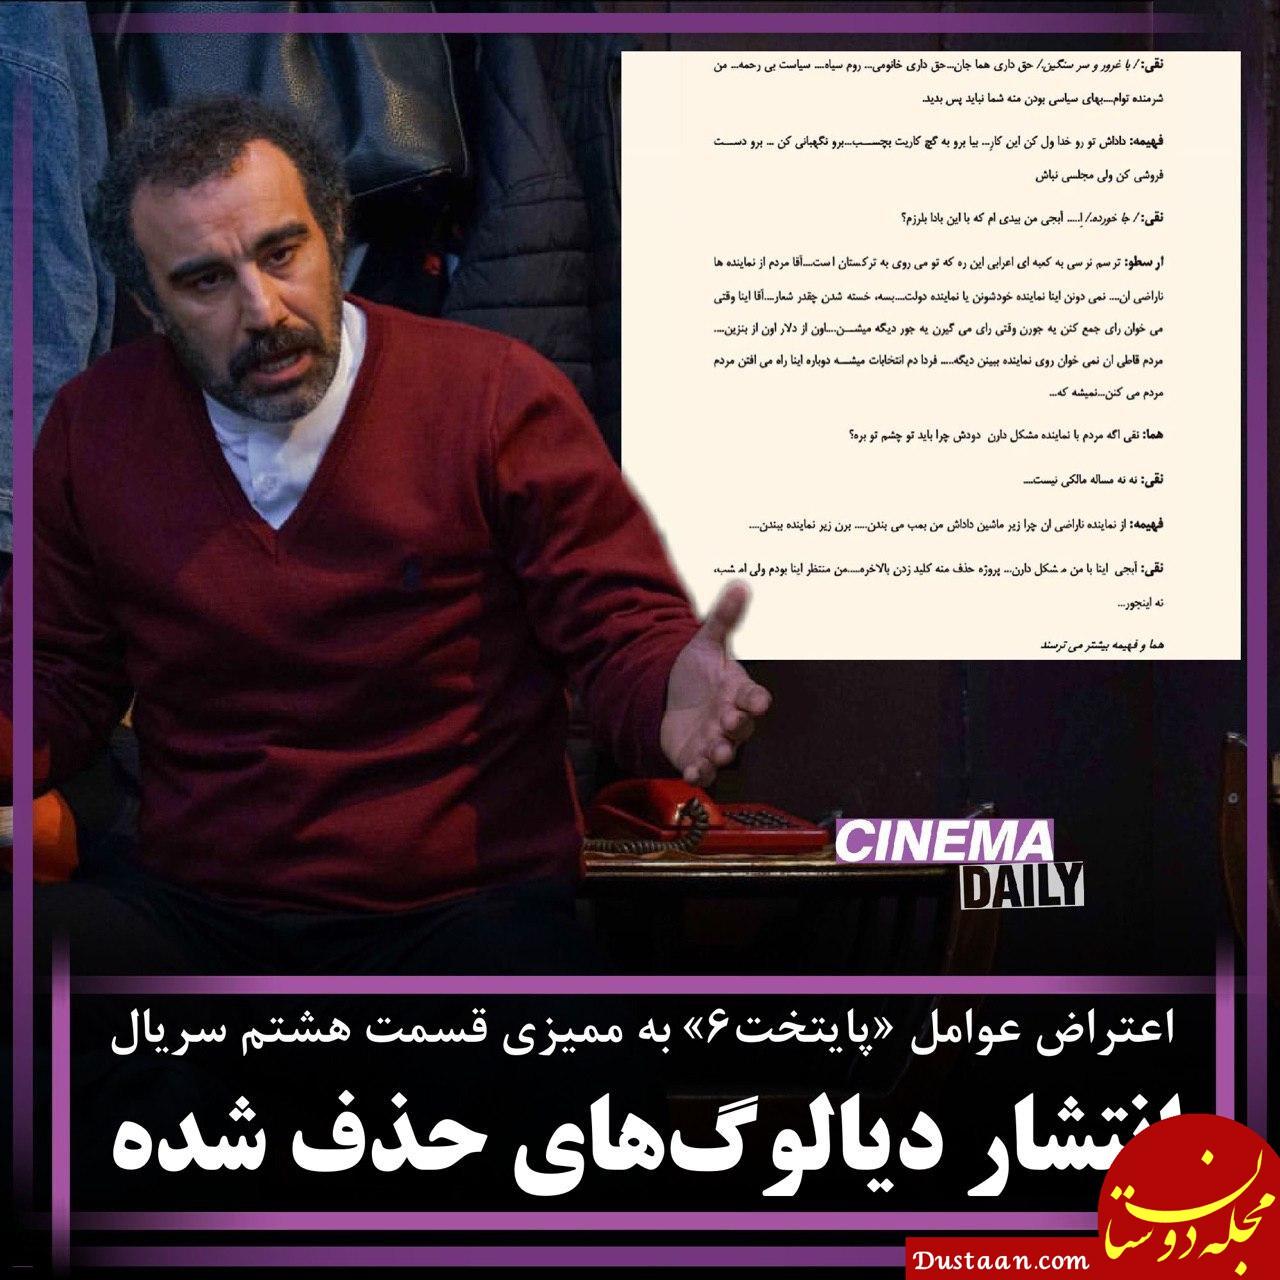 انتشار دیالوگ های حذف شده سریال پایتخت در اعتراض به سانسور سریال